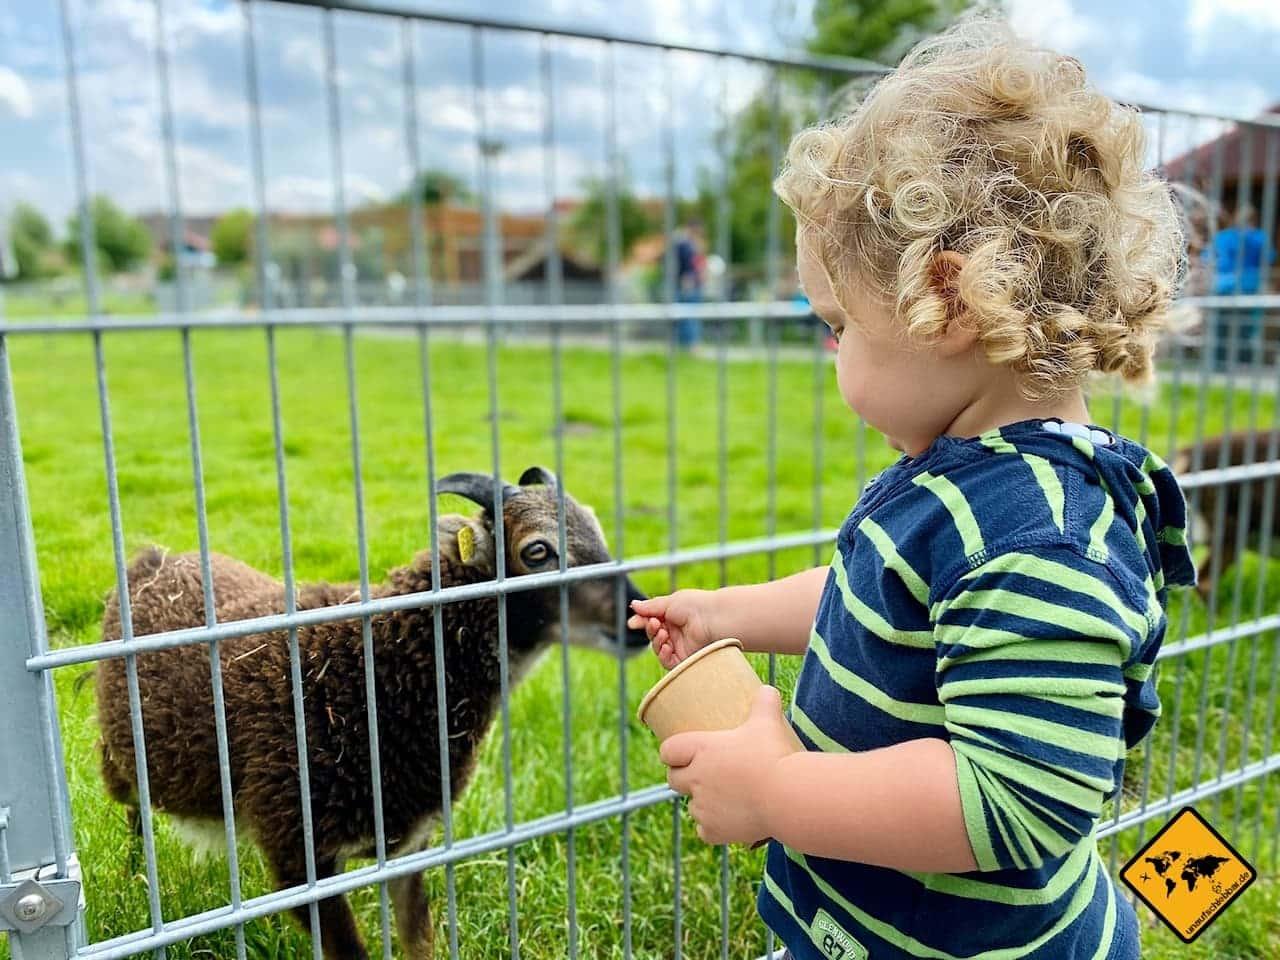 Ziegen füttern Tierpark Werdum